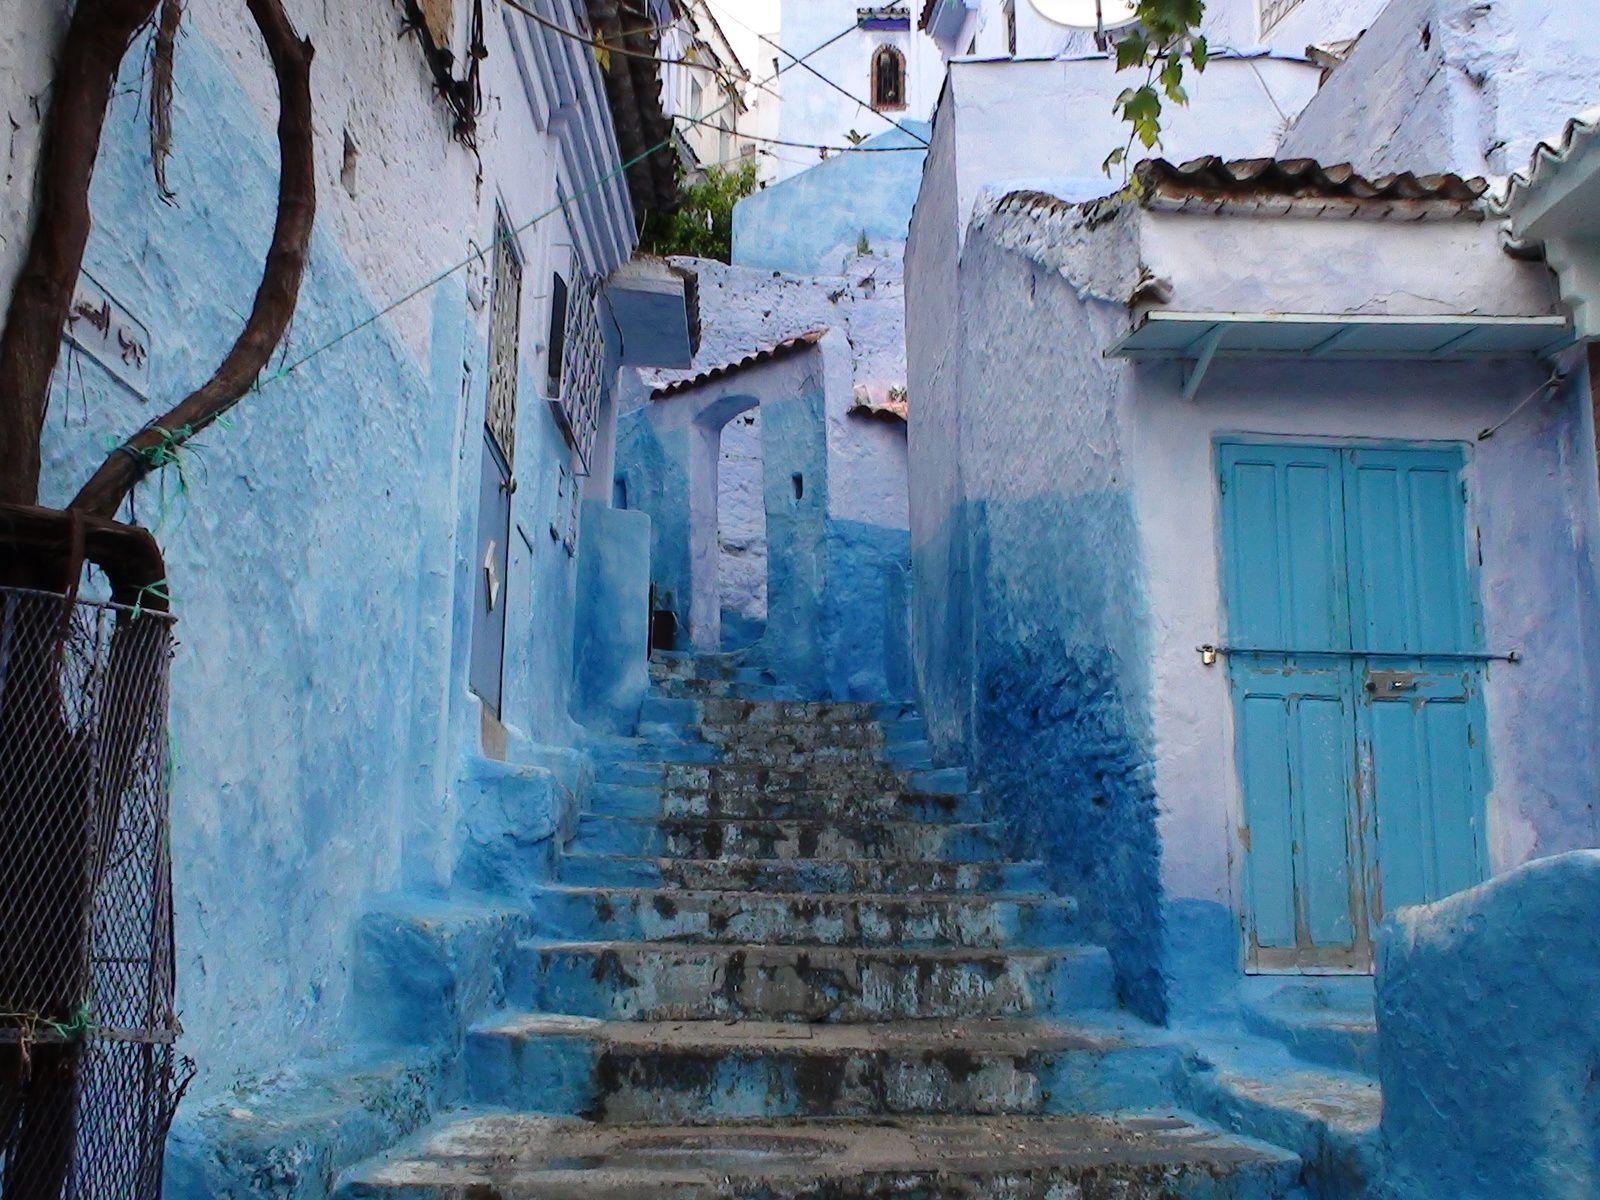 photos prises en mai 2013 lors d'un N° voyage au Maroc&#x3B; je suis entré par la porte 1940&#x3B; origines bleu de Michel Bories&#x3B; bleu cosmique&#x3B; manque le bleu Giotto